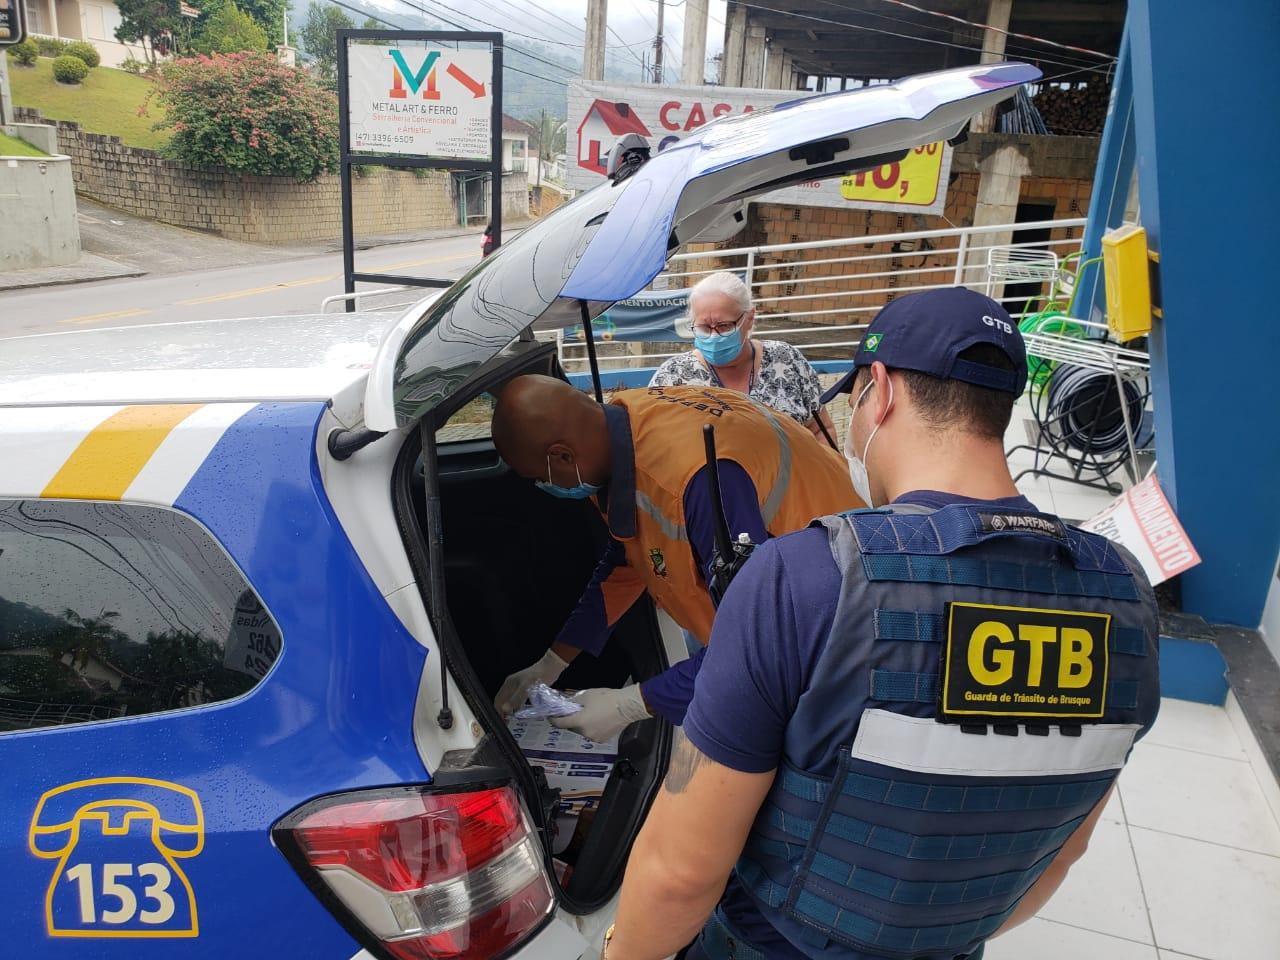 Coronavírus: Prefeitura de Brusque faz ação de conscientização nos comércios da cidade